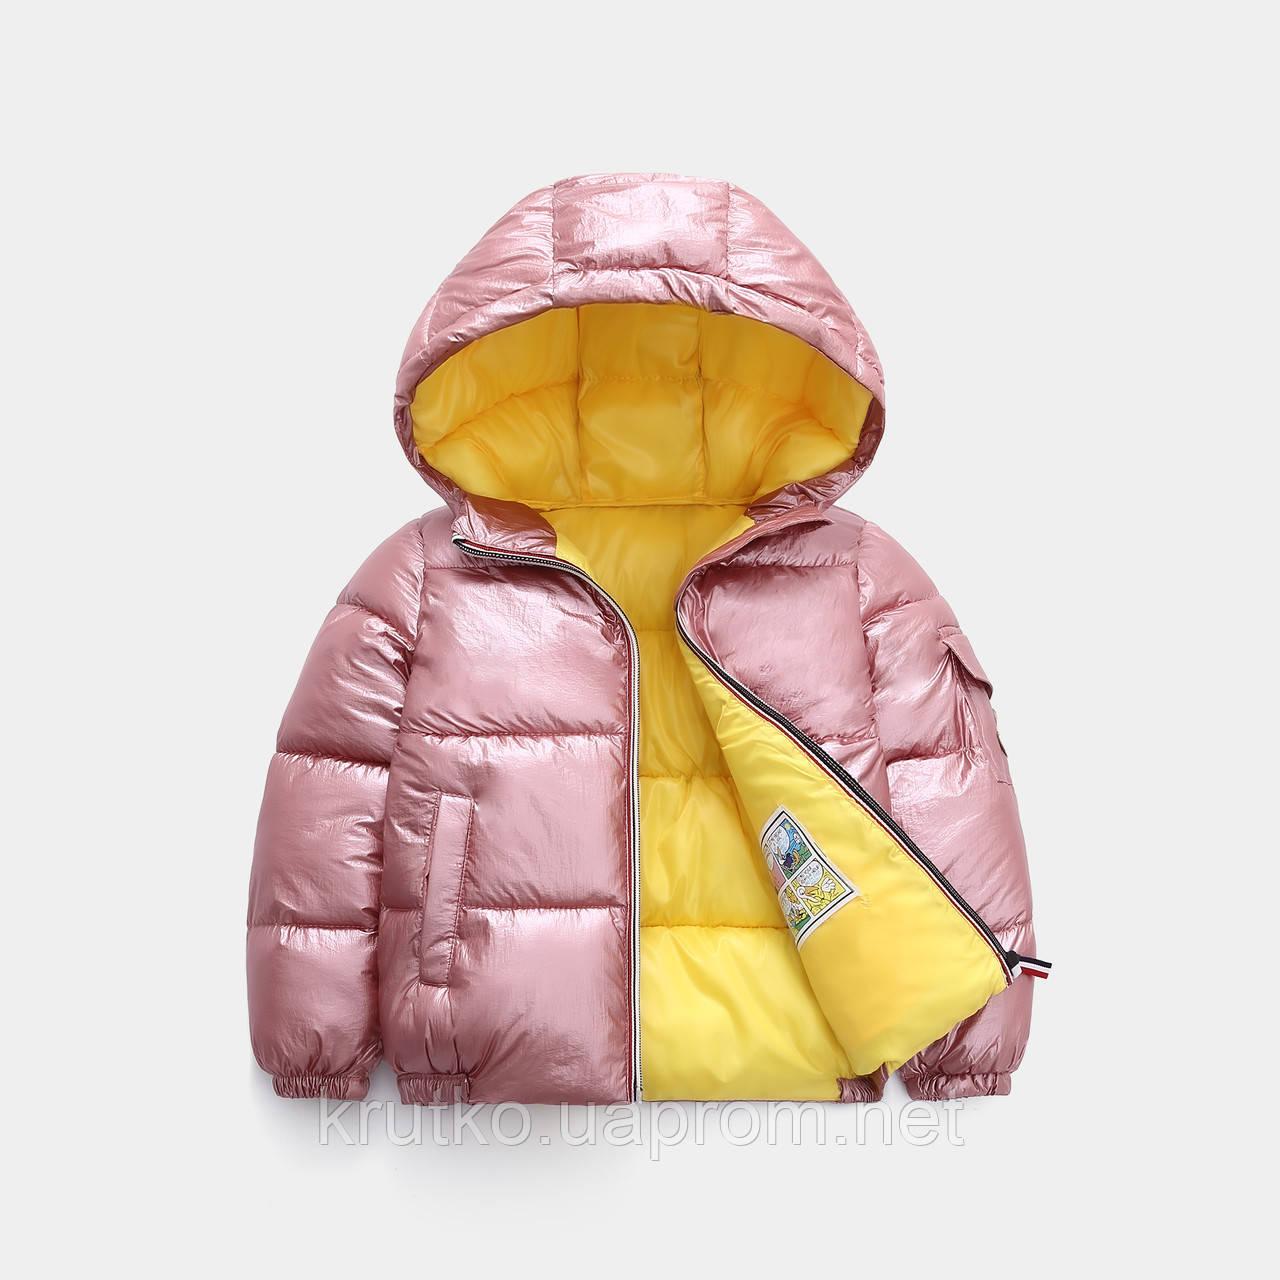 Куртка демисезонная для девочки Глянец, розовый Berni